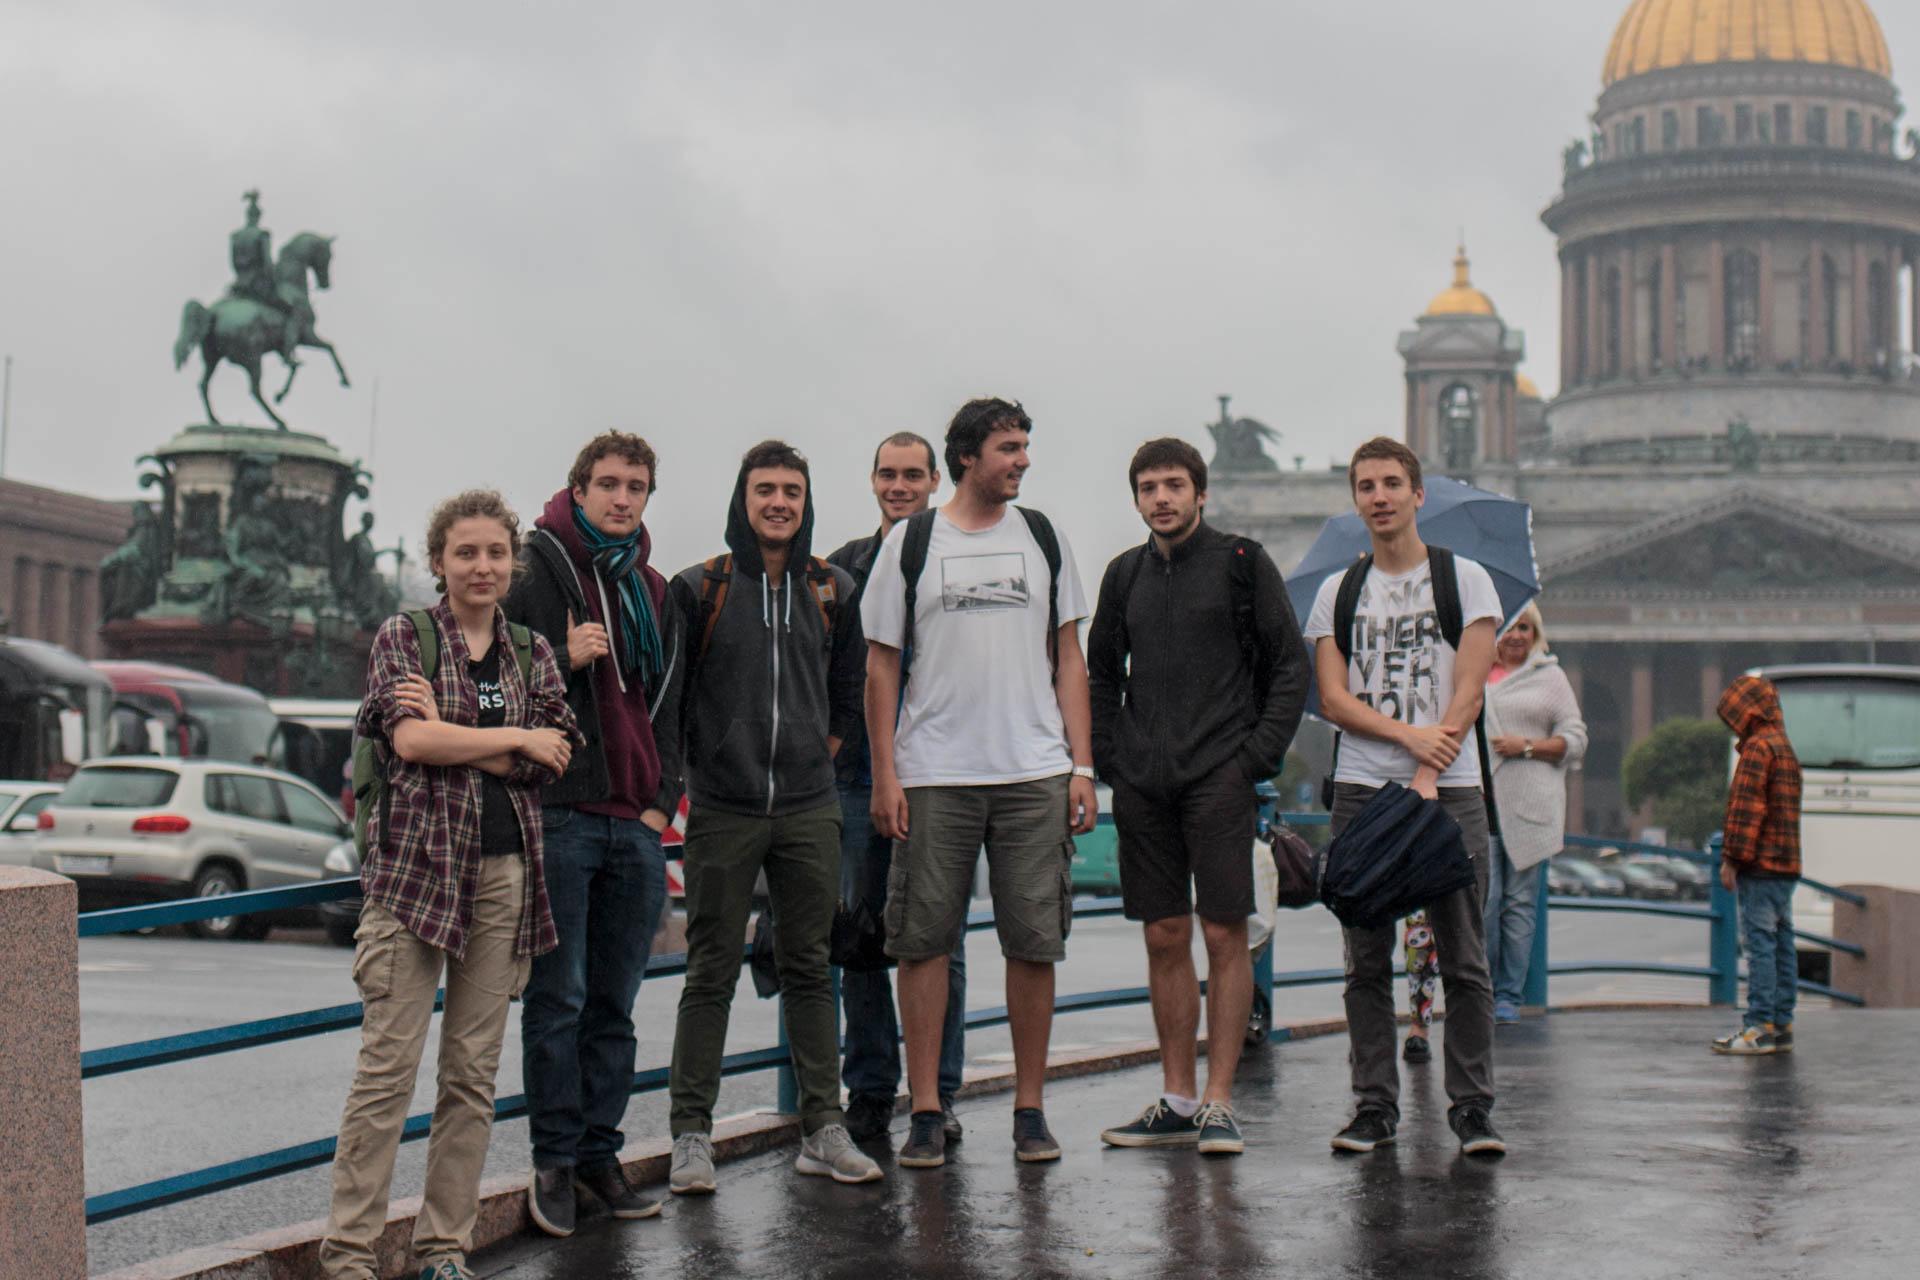 Университет ИТМО. Французские студенты впервые в Санкт-Петербурге